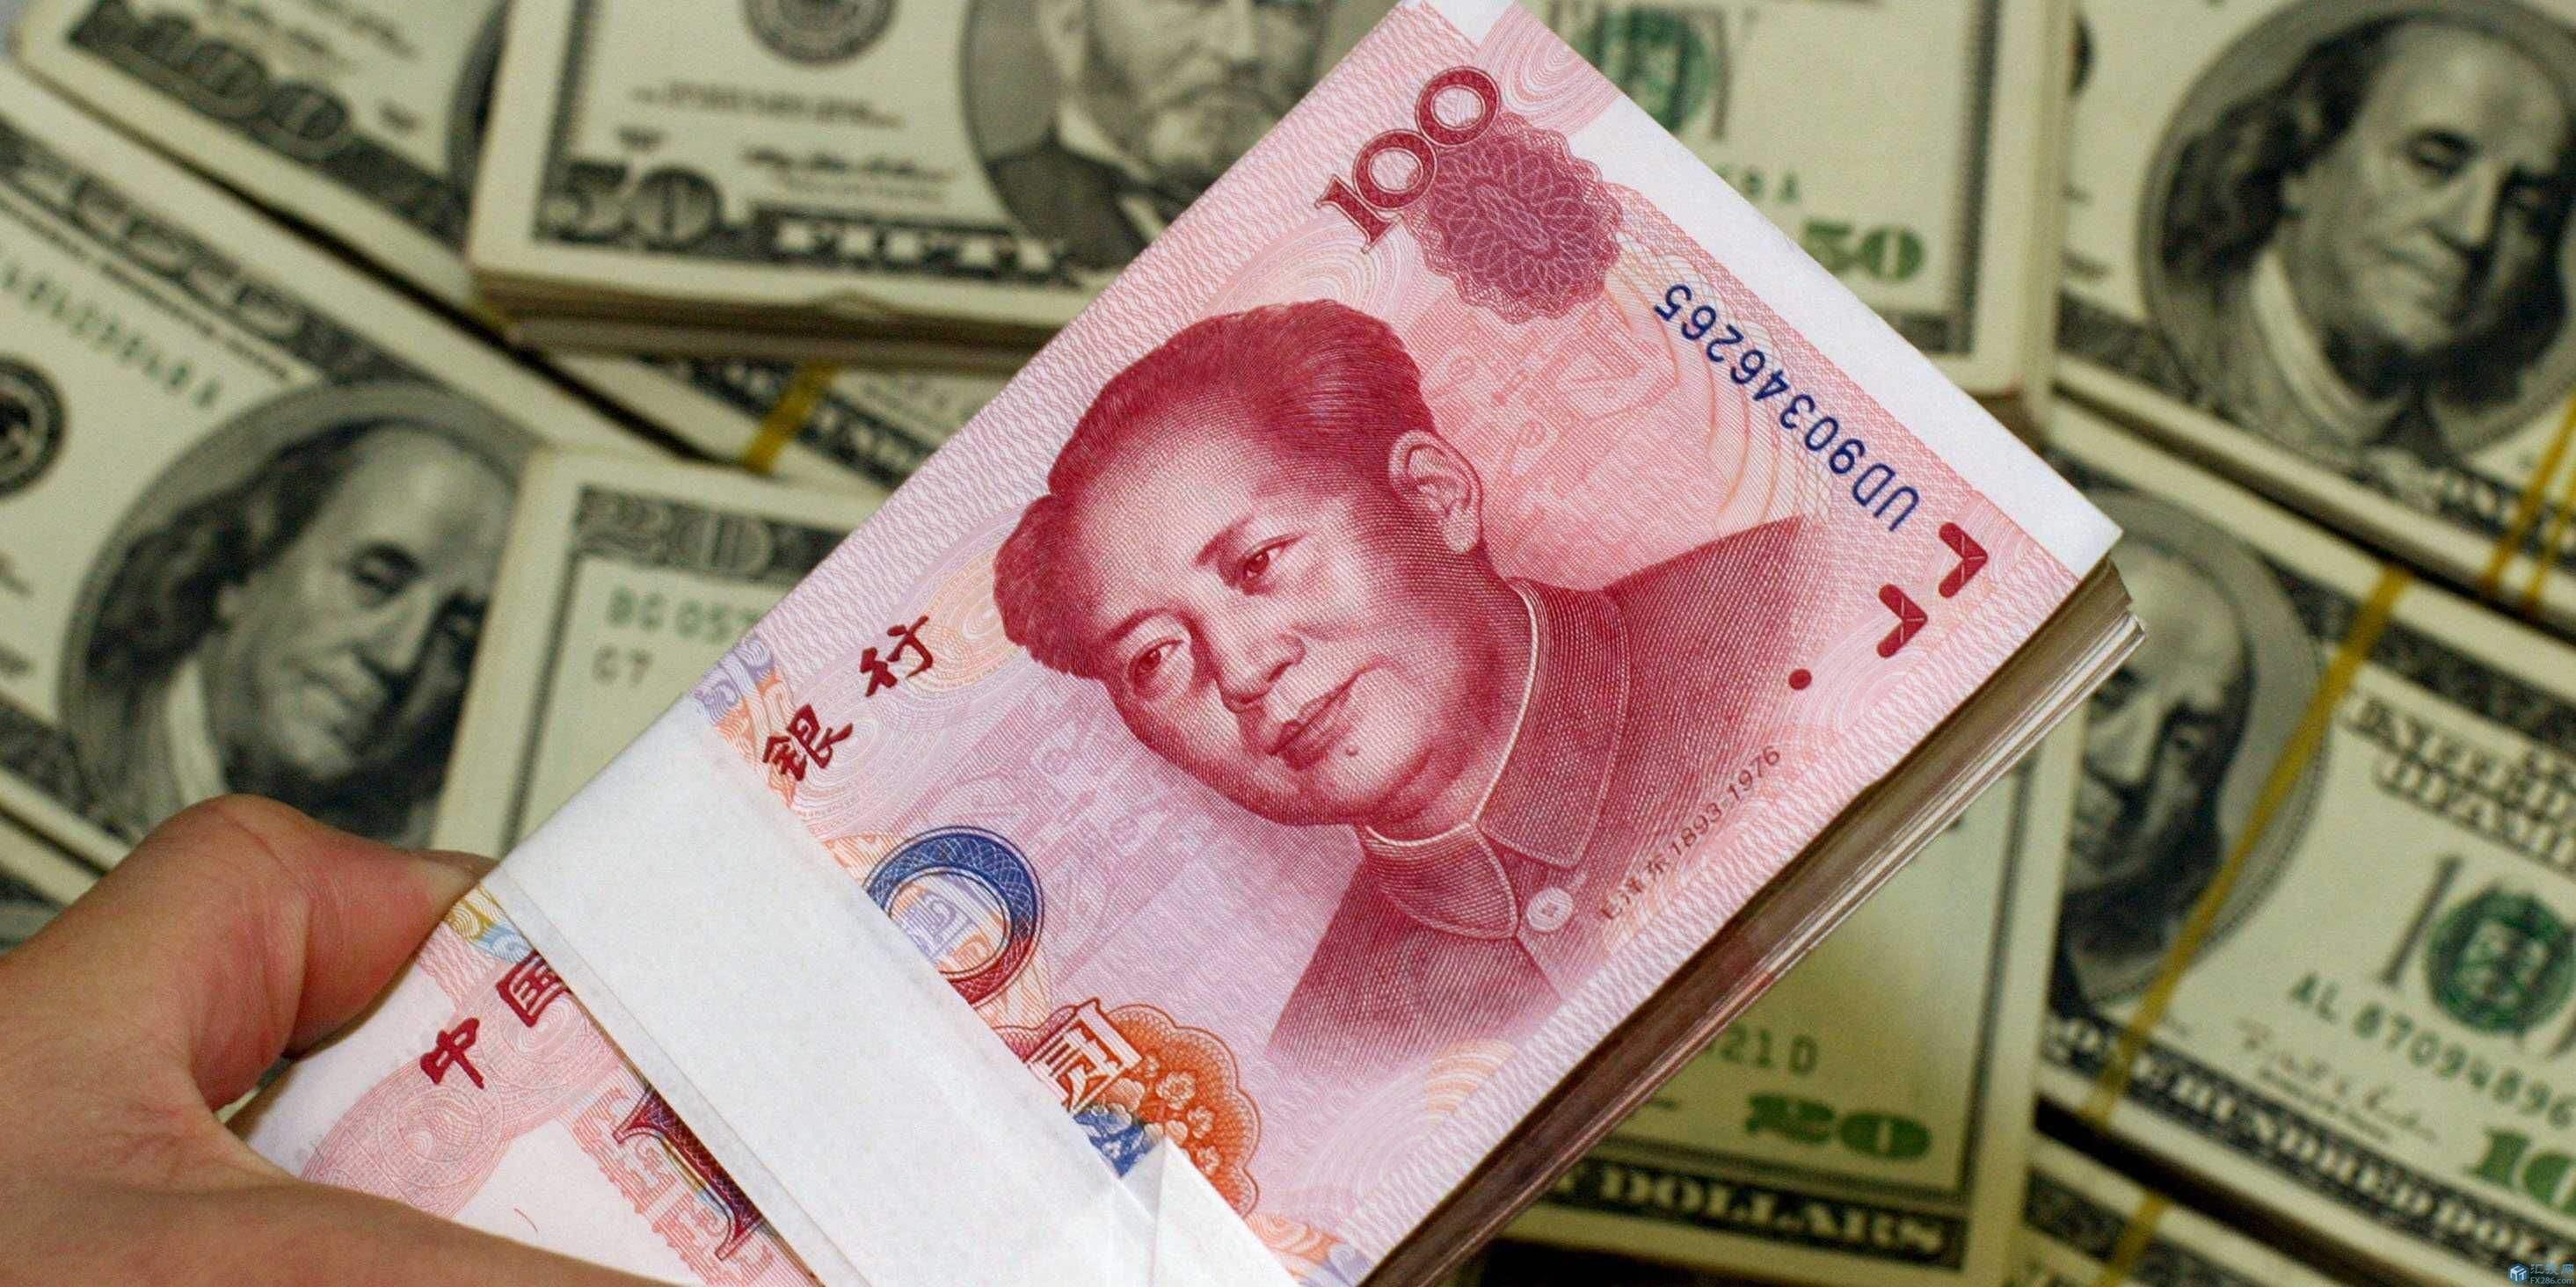 美元空头需保持警醒 亚洲央行正力遏美元贬值!